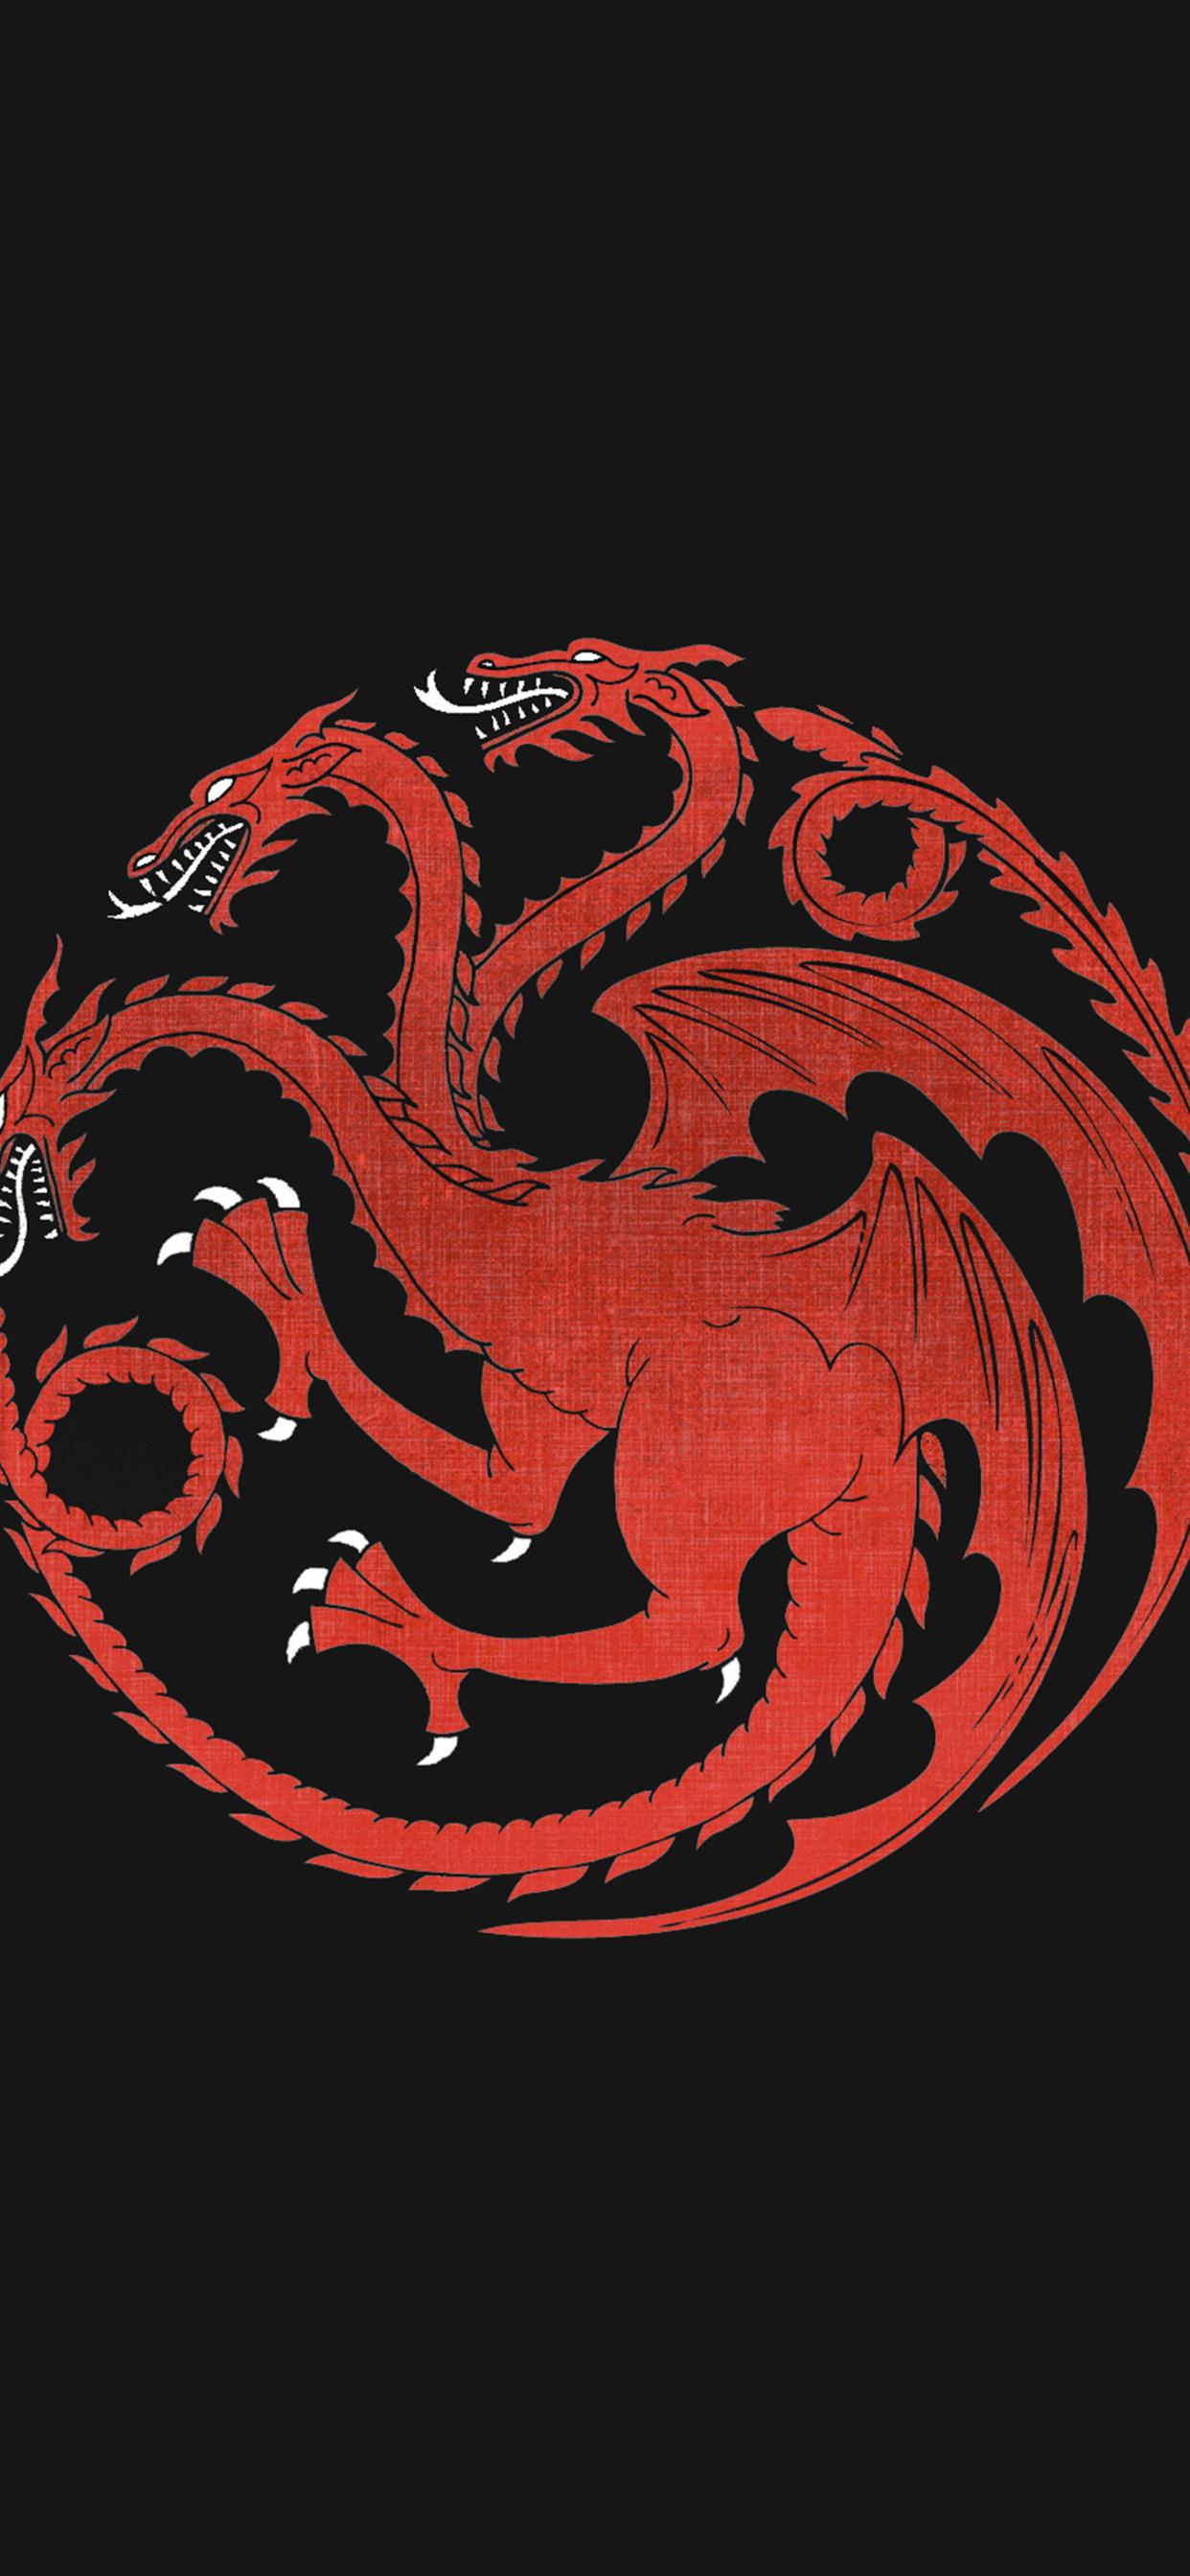 house-targaryen-dragon-game-of-thrones-dragon-minimalism-9q.jpg